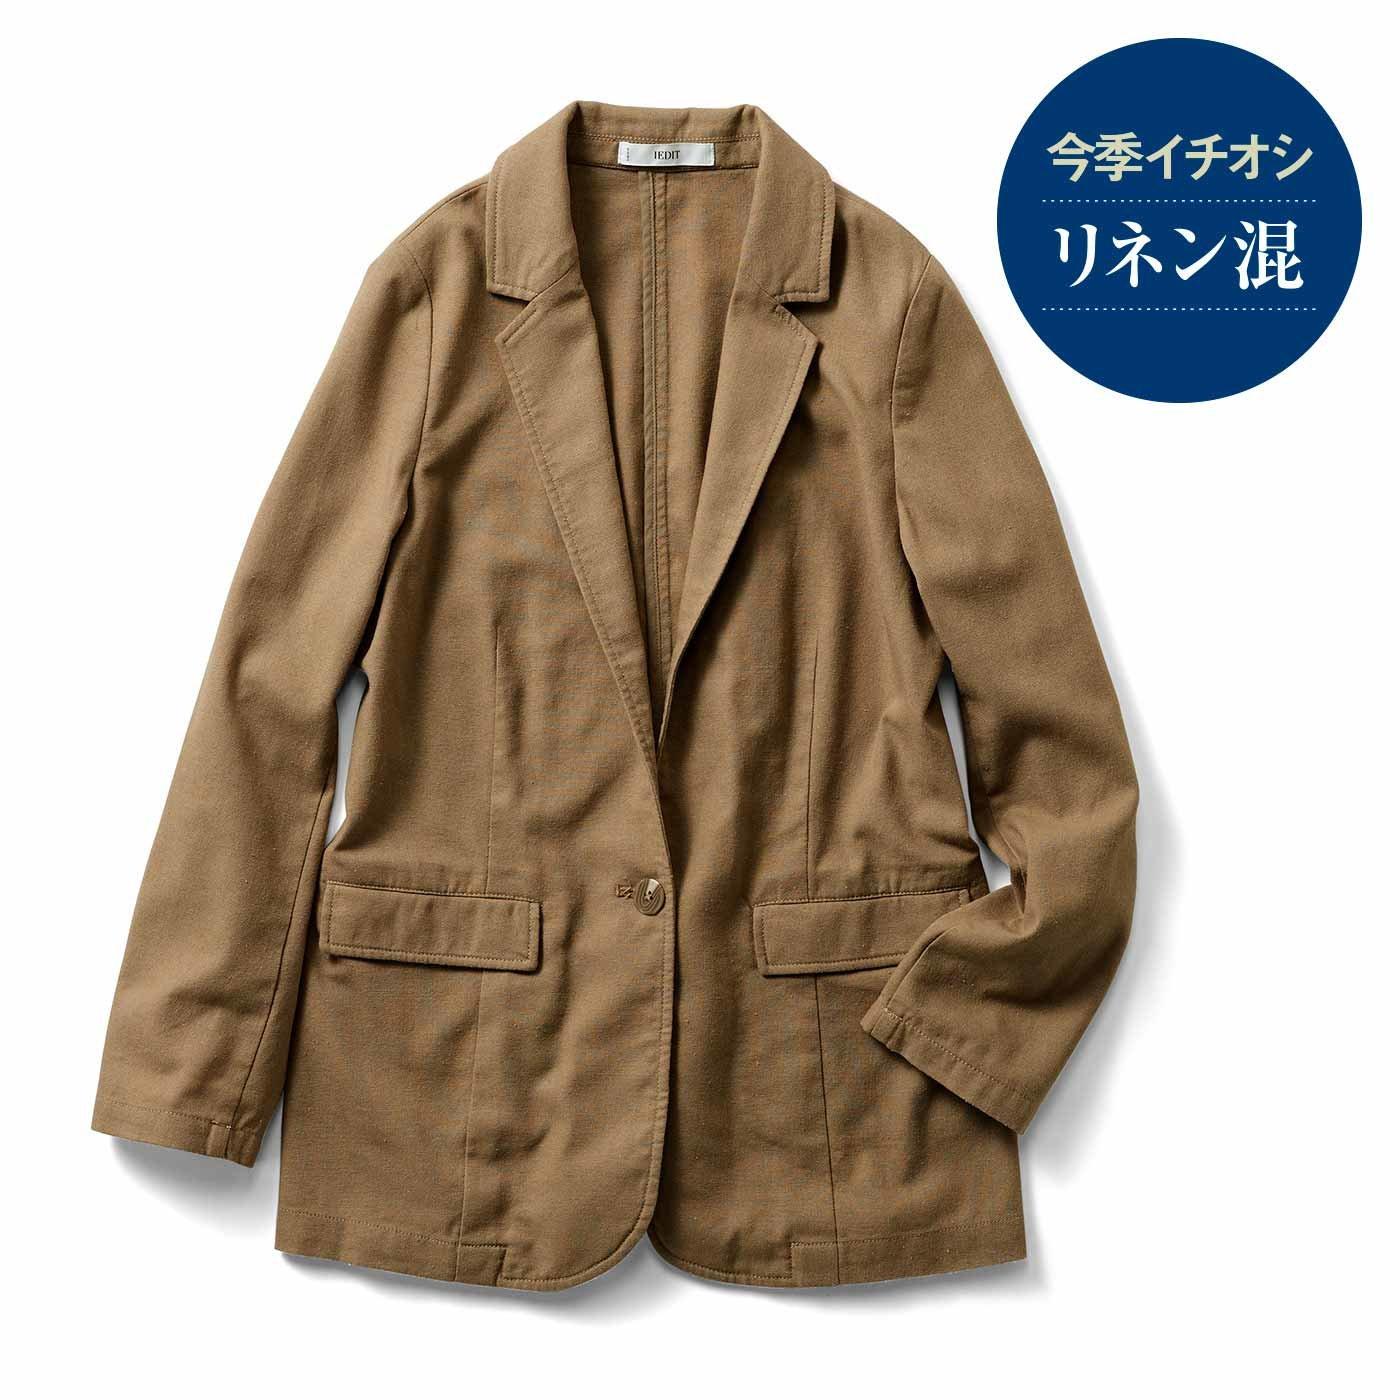 【3~10日でお届け】IEDIT[イディット] リネン混素材で上質にこなれる きれい見えジャケット〈キャメル〉